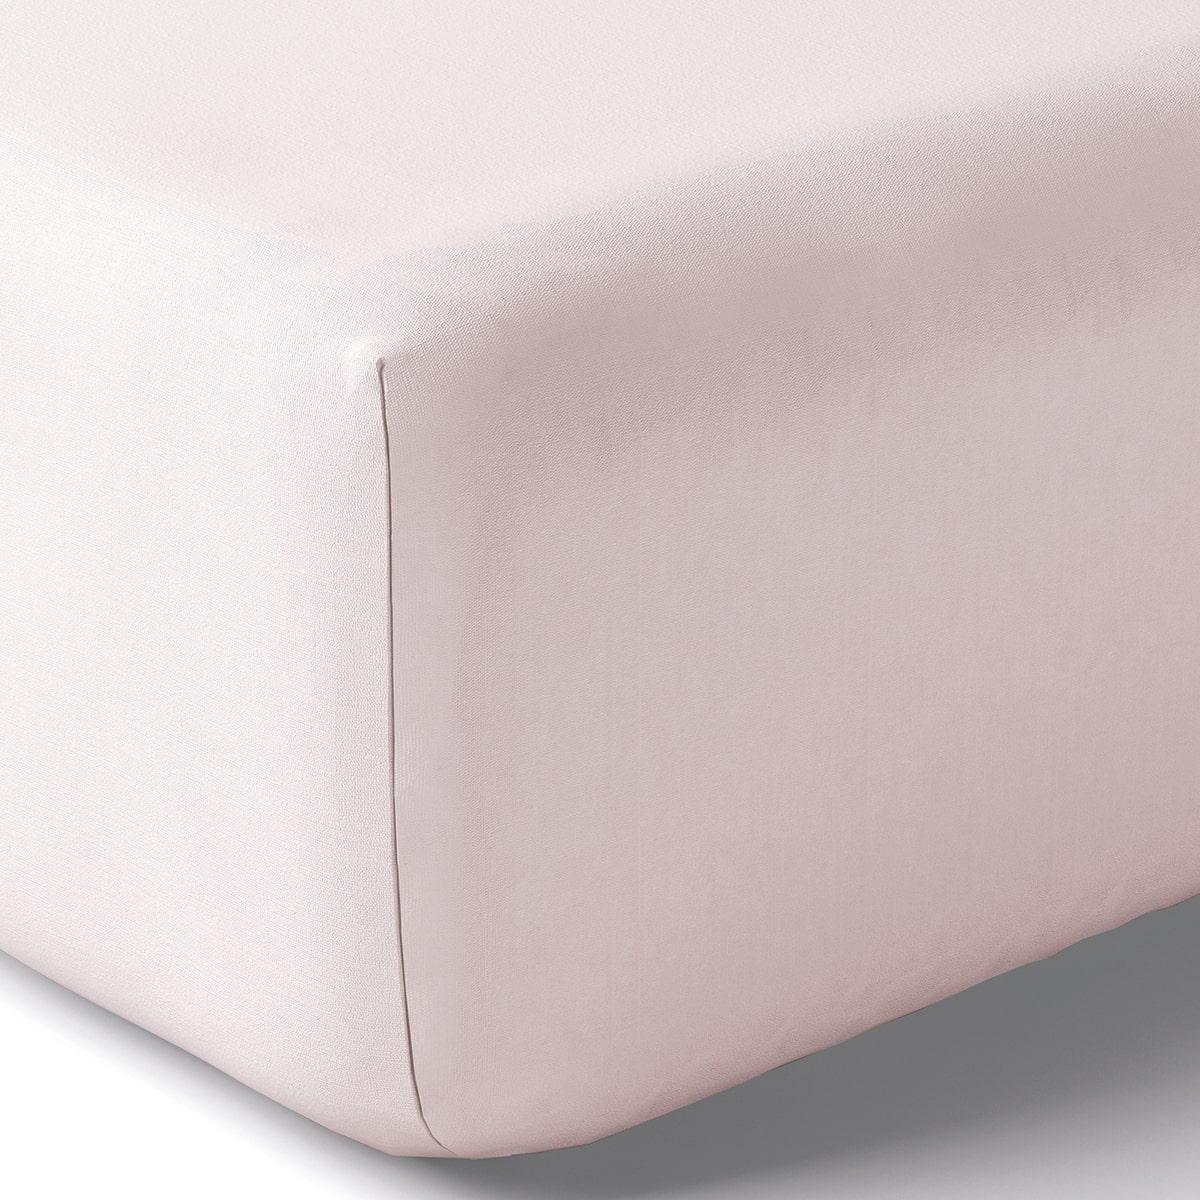 Drap housse coton 140x190 cm ecaille